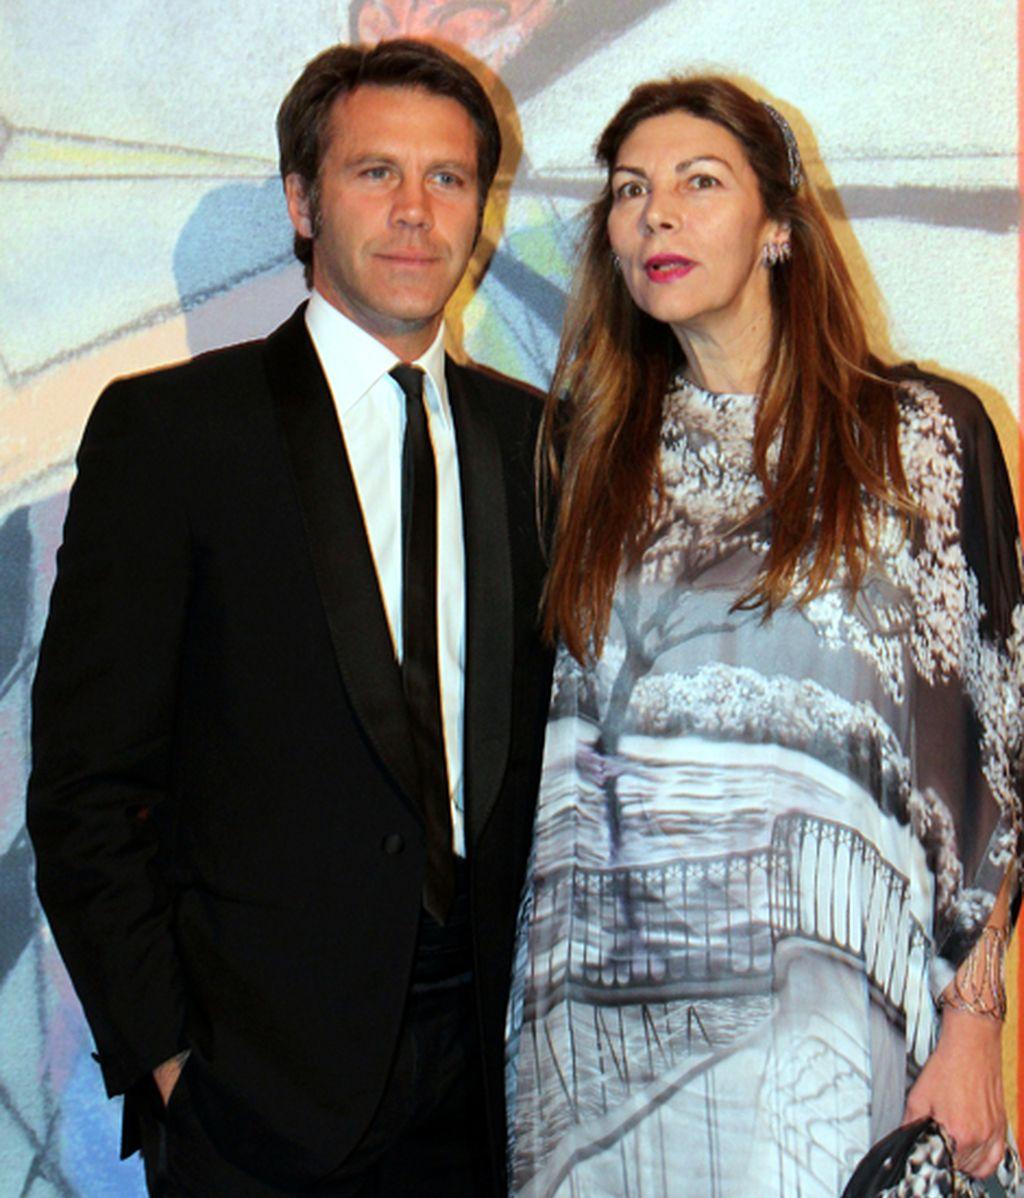 El príncipe Emmanuelle Filiberto de Saboya y su mujer, Clotilde